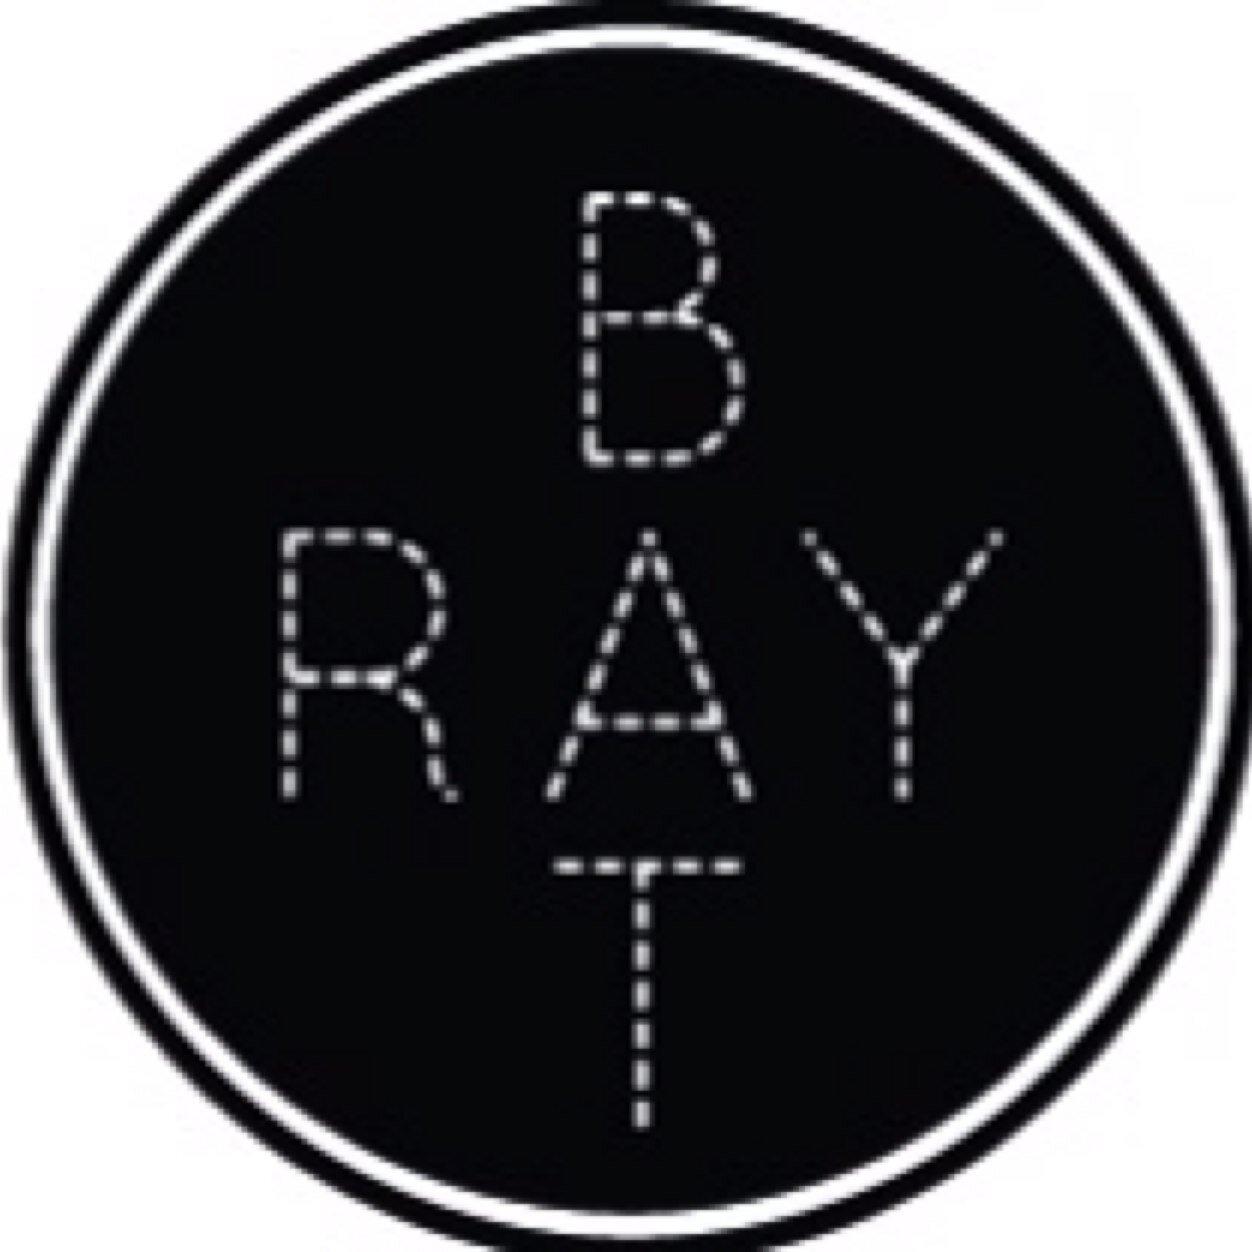 Ray bat raybat twitter ray bat buycottarizona Image collections